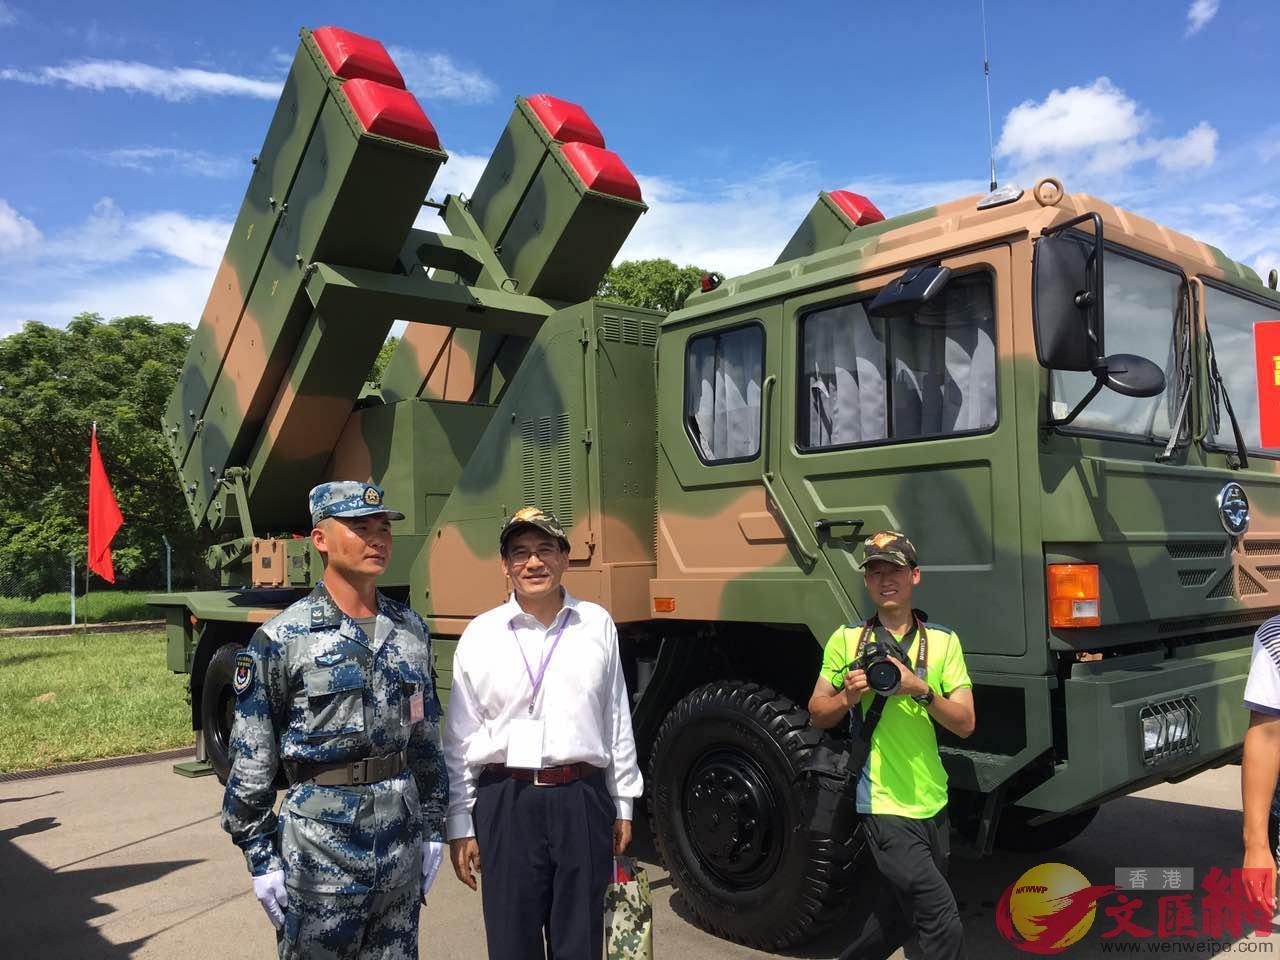 駐港部隊最新導彈牽引車和軍人(林際平提供)